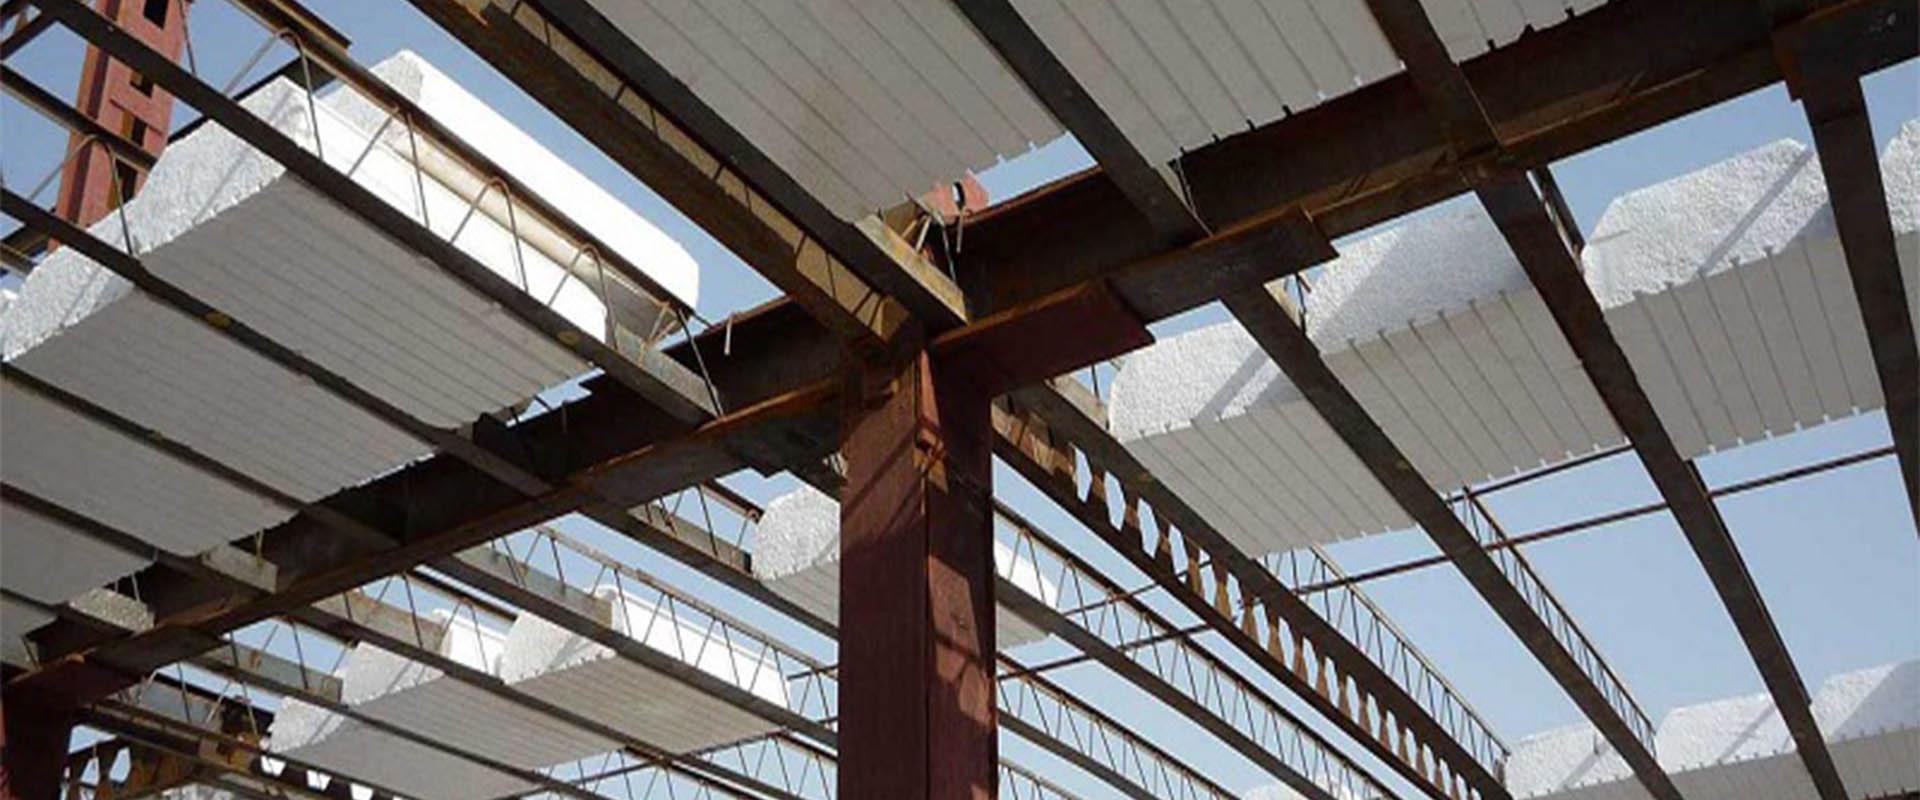 کاربرد بلوک سقفی پلاستوفوم در ساختمان سازی چیست؟